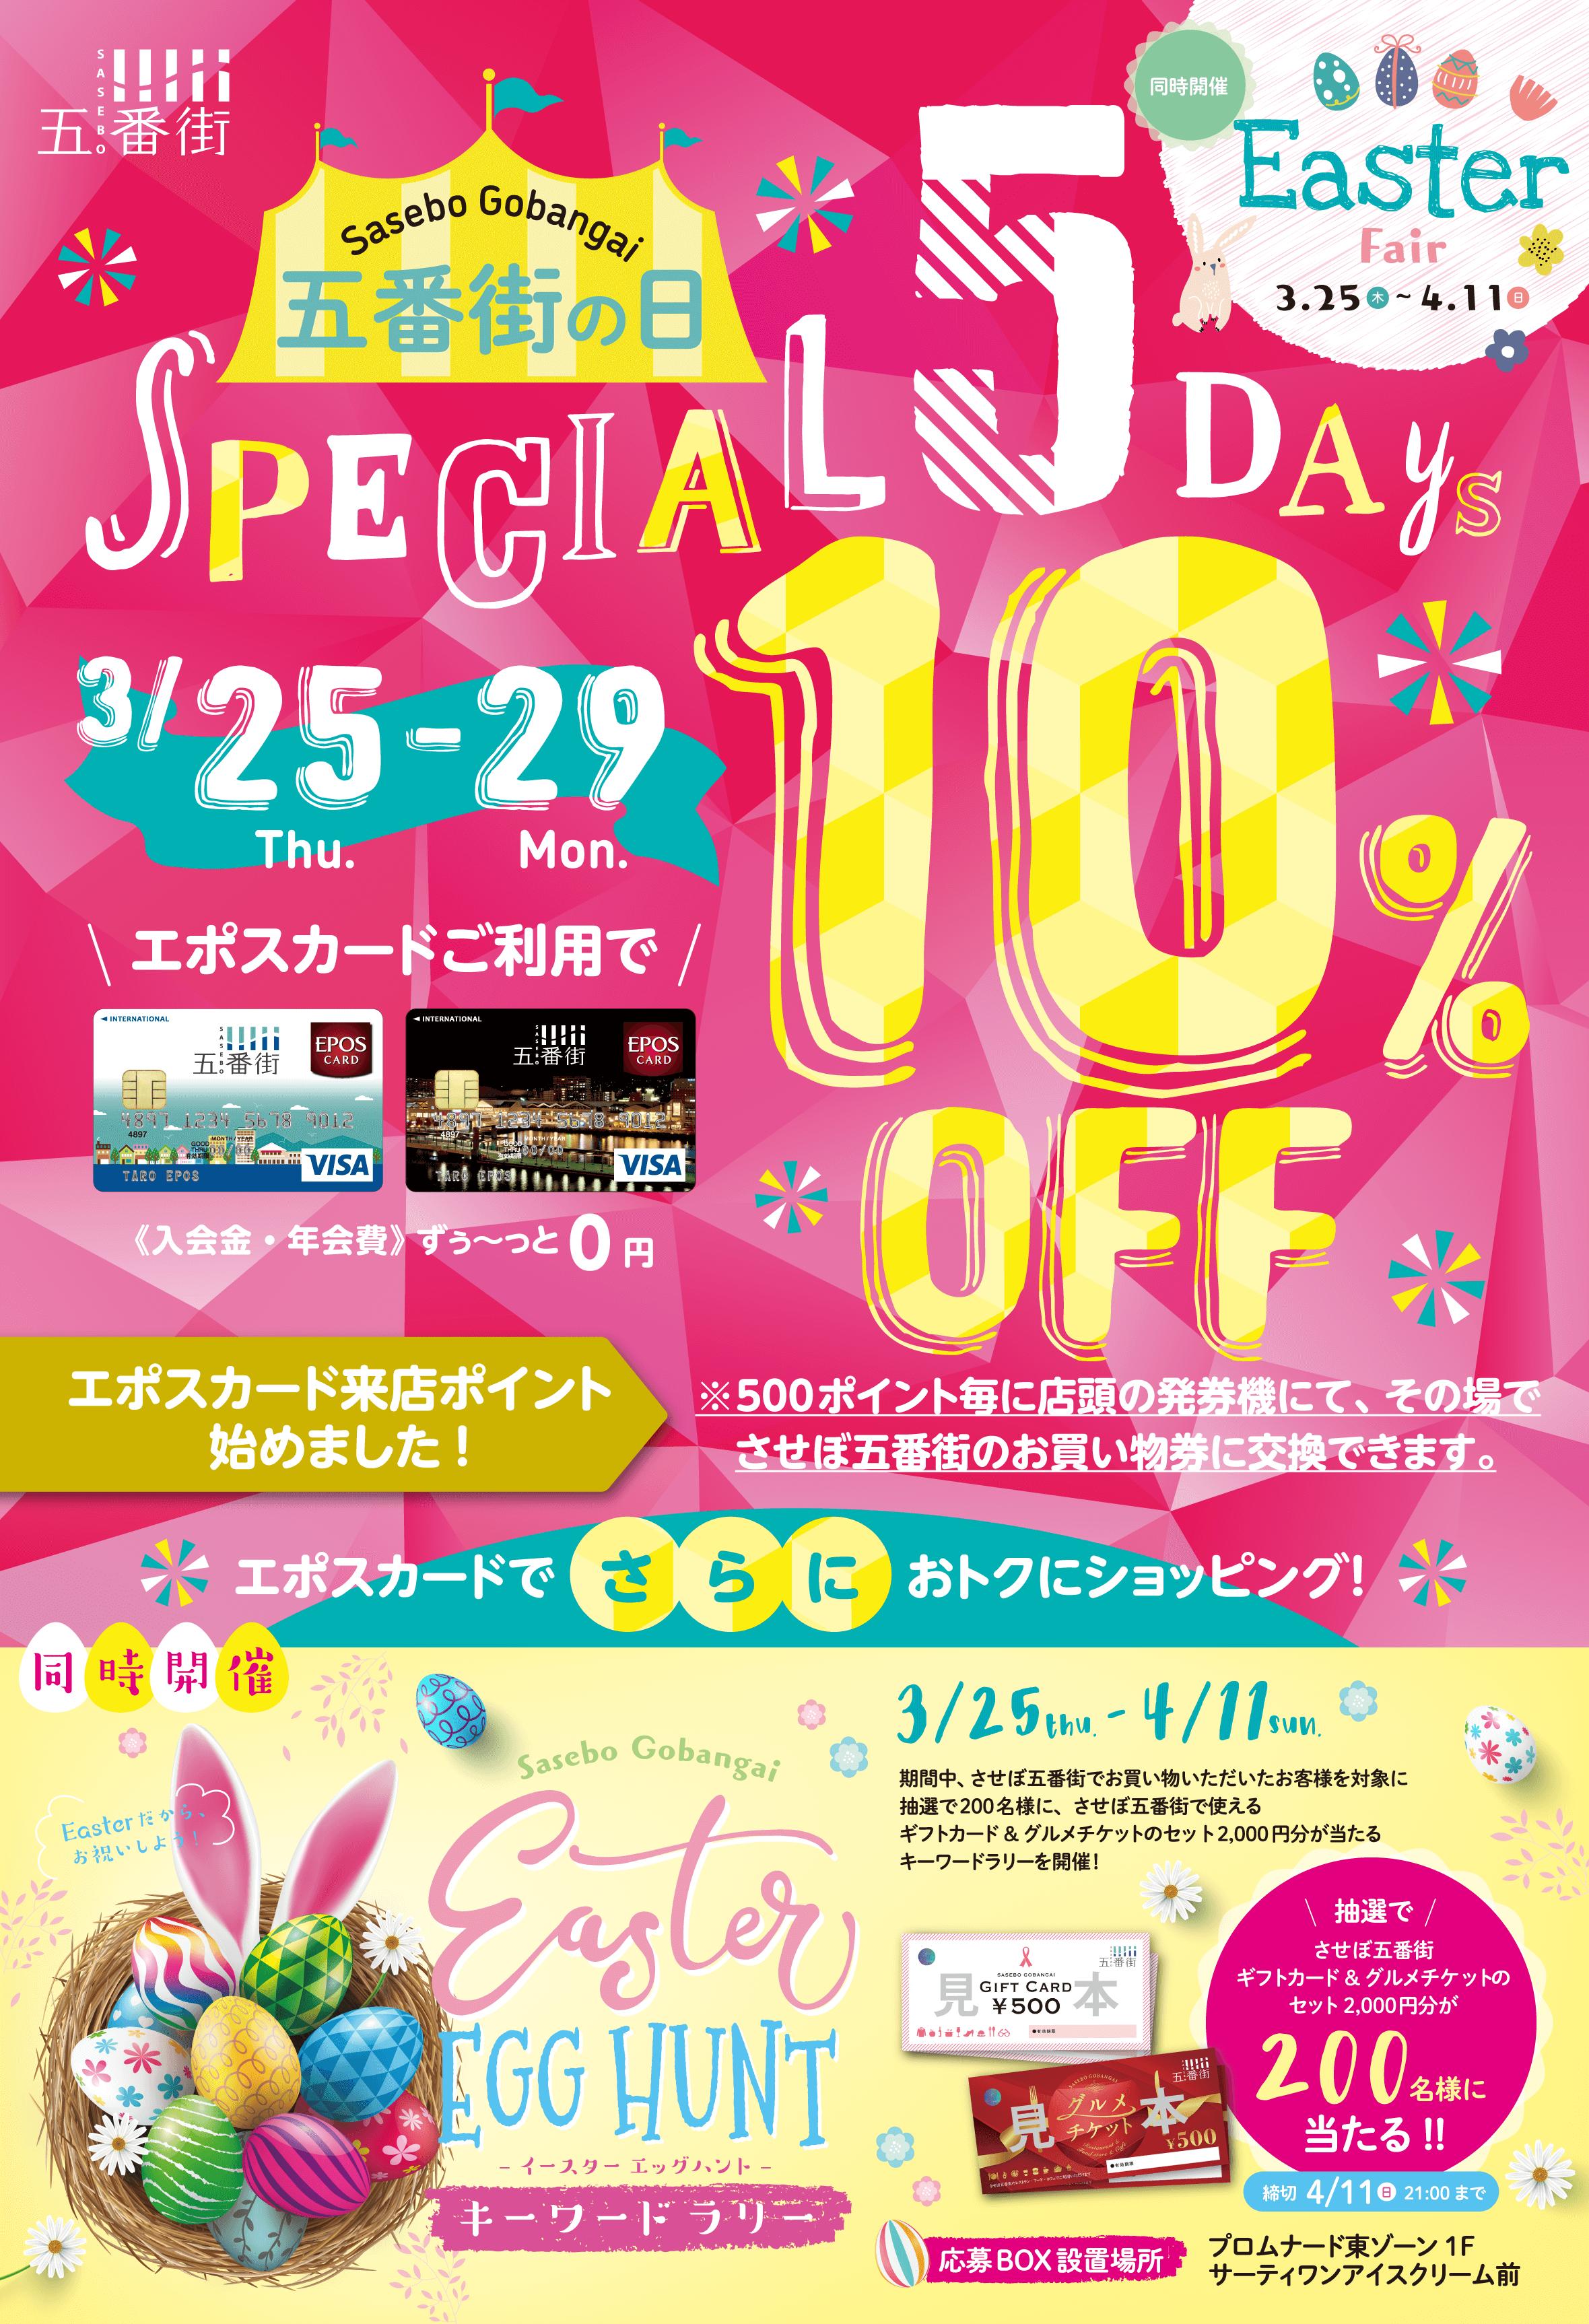 SPECIAL 5DAYS 3/25 - 29 エポスカードご利用で10%OFF さらに 対象ショップでお買い得企画同時開催!